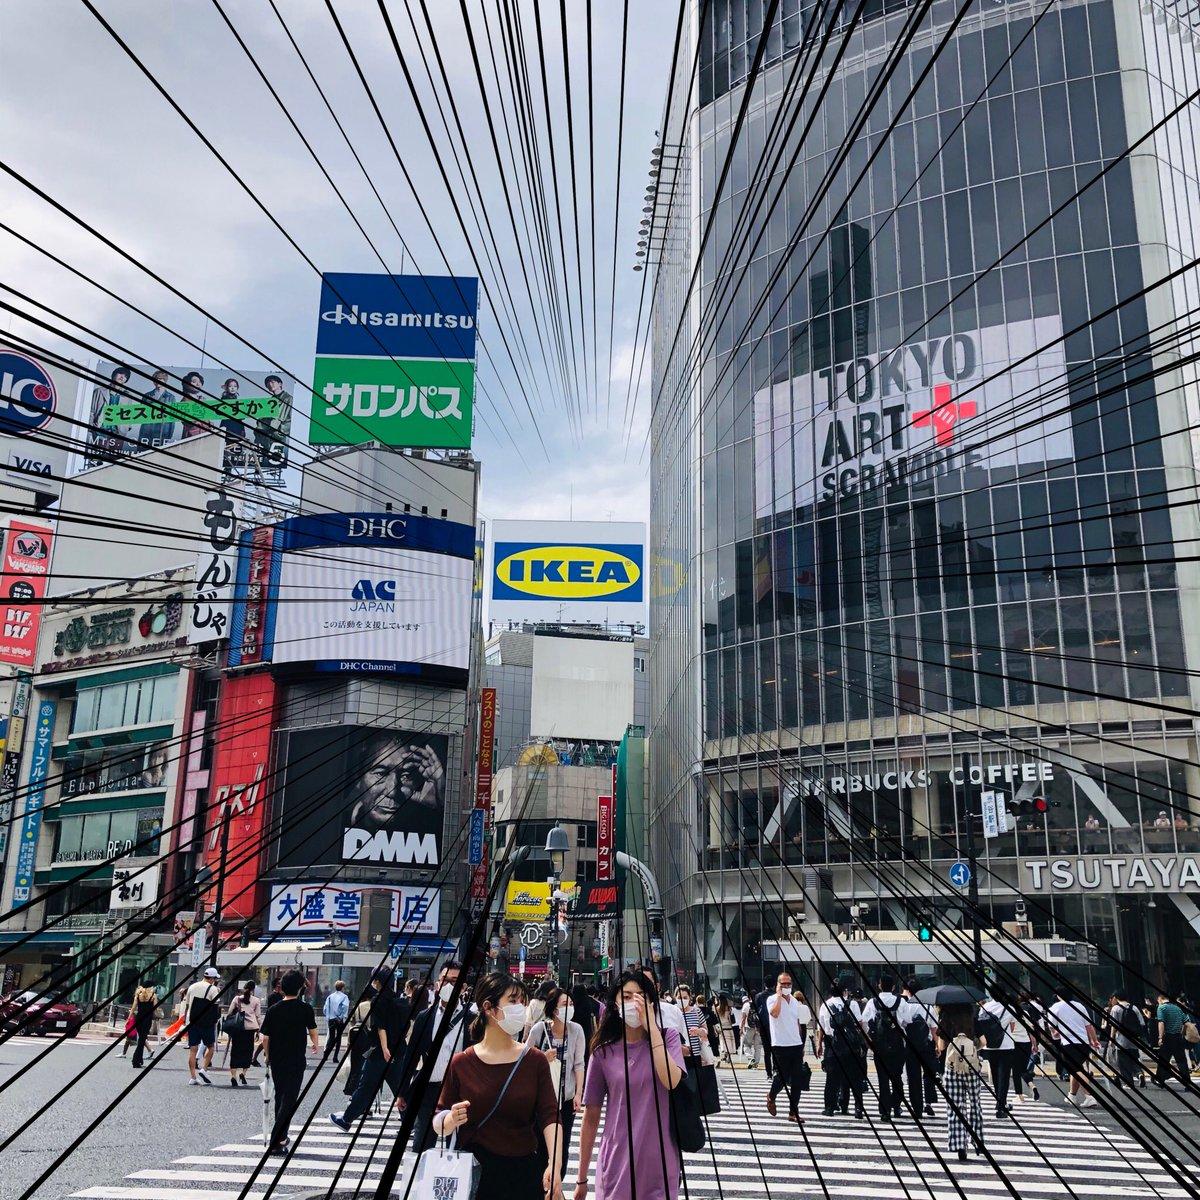 渋谷 ikea 【5月最新】IKEA(イケア)おすすめ商品31選!人気家具や収納雑貨